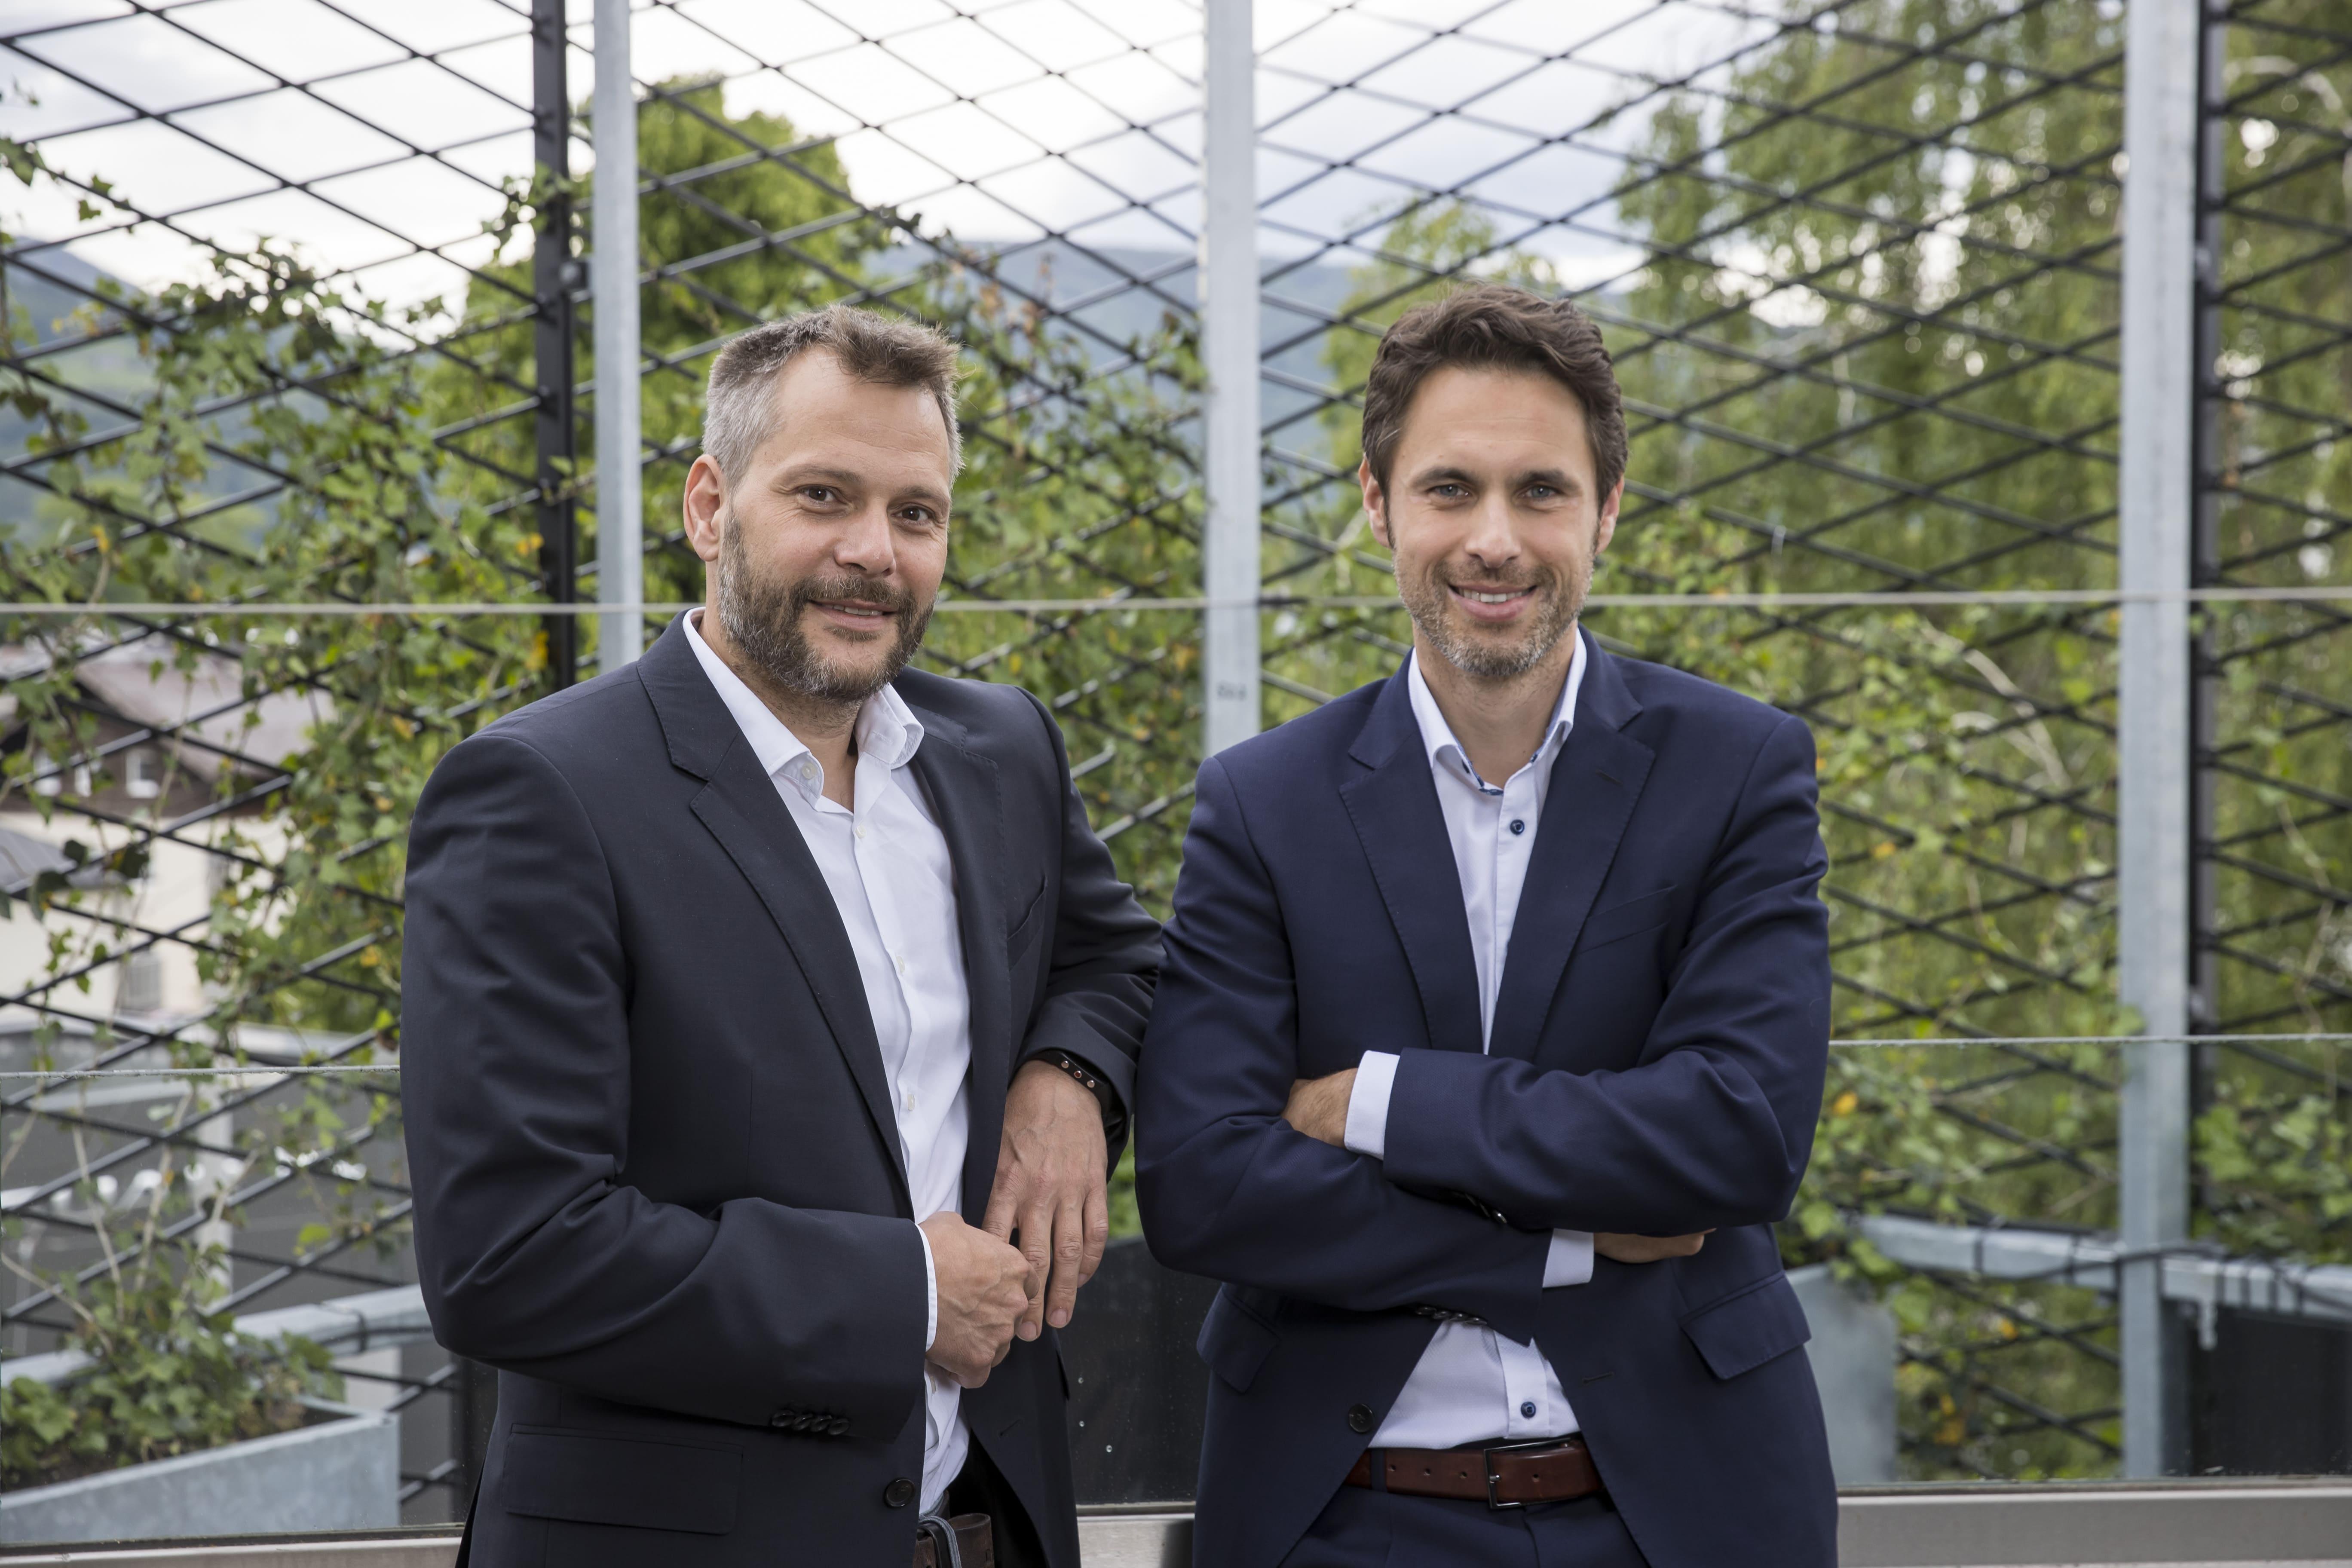 Wechsel an der Spitze von zwei Salzburg Wohnbau-Unternehmen